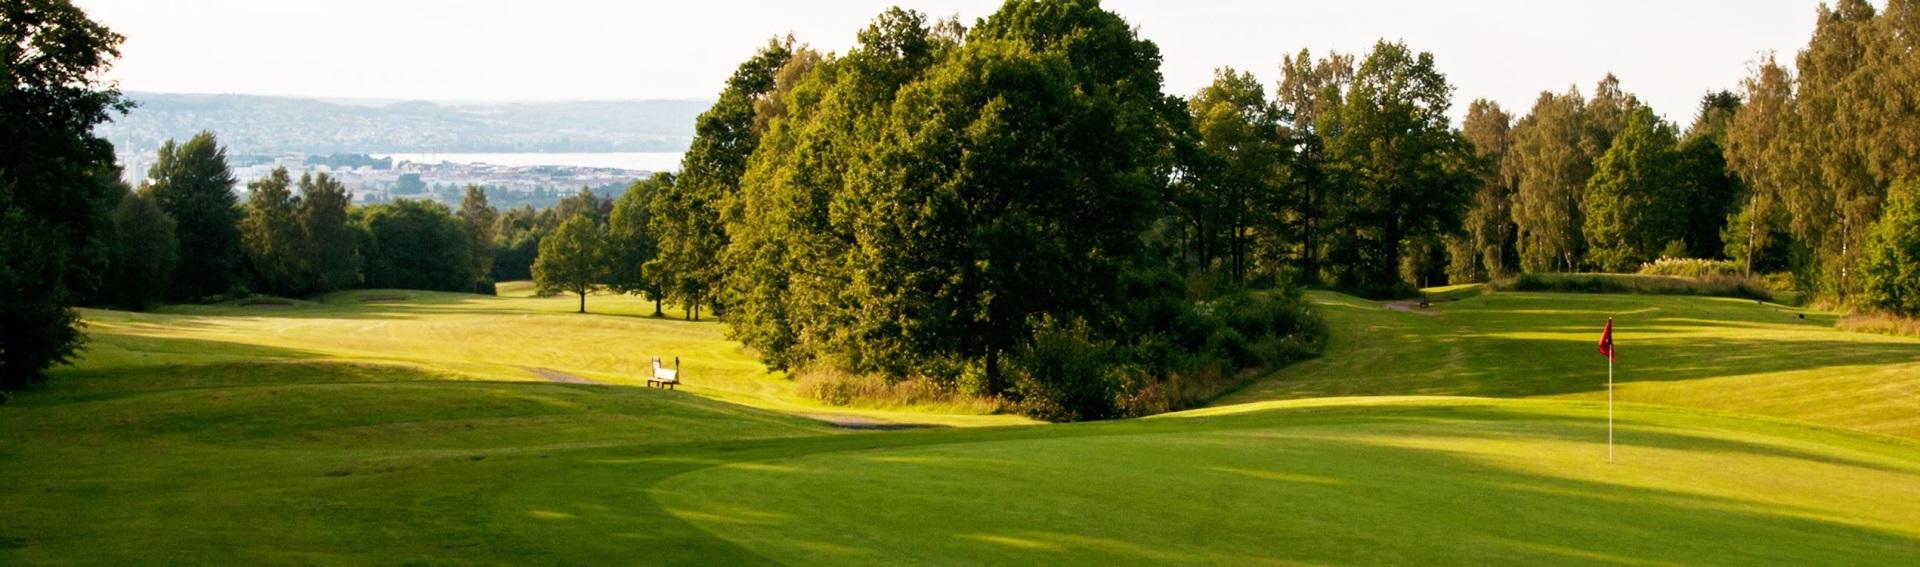 A6 Golfklubb i Jönköping